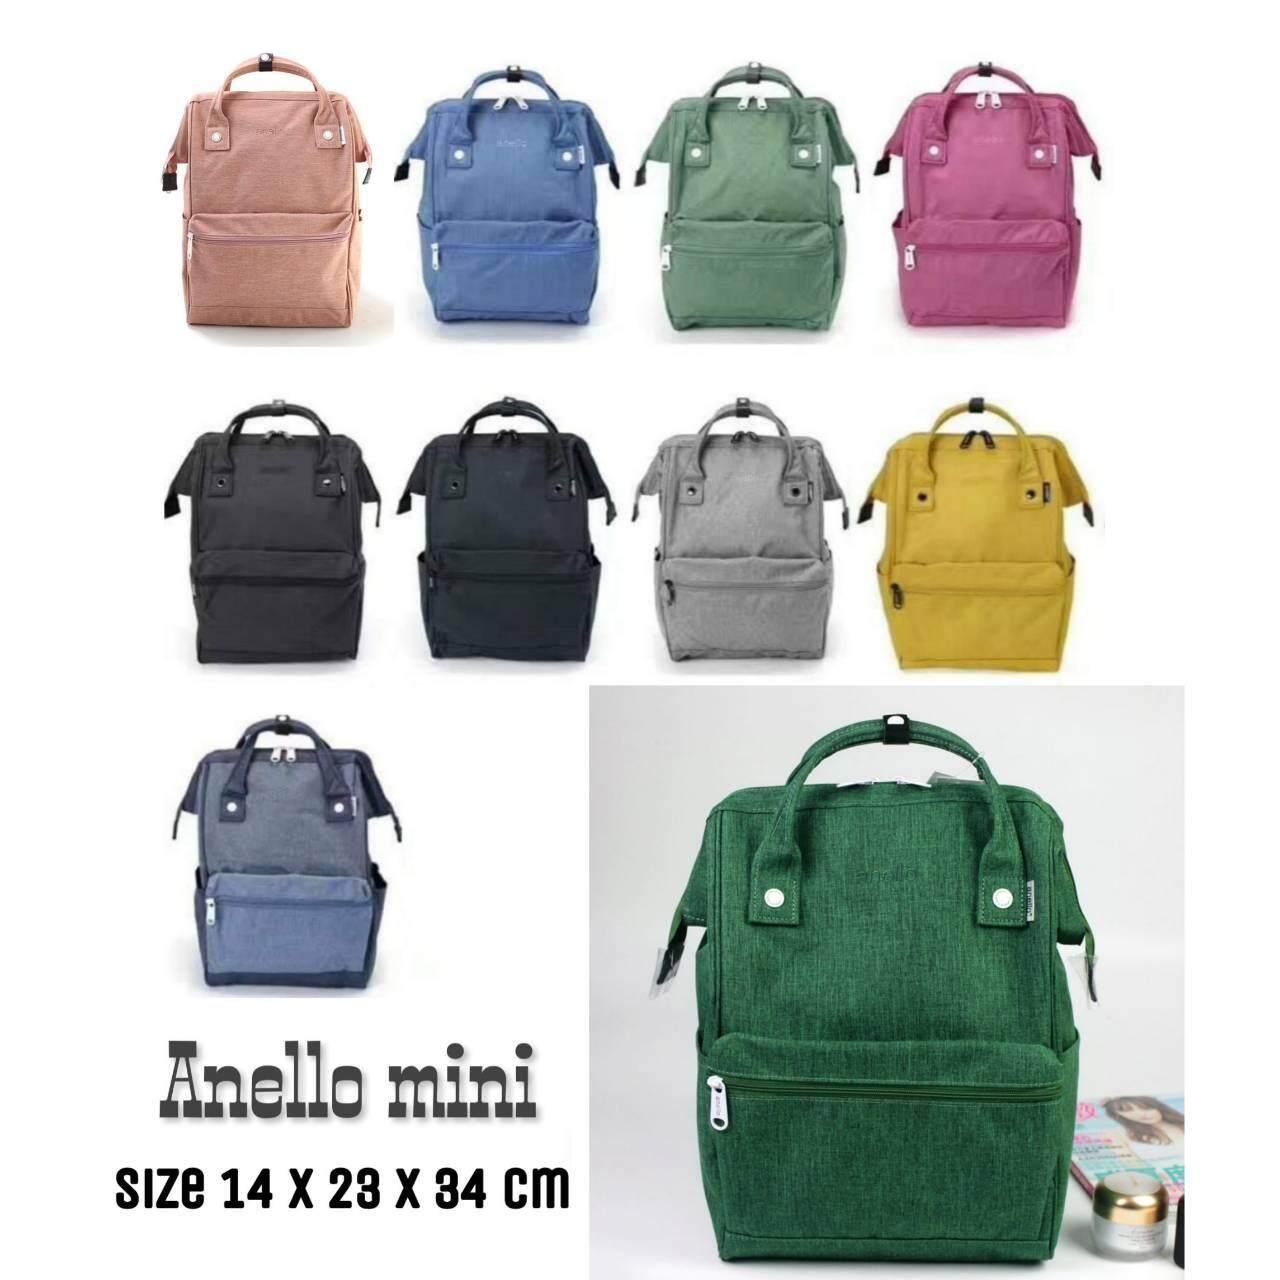 ยี่ห้อนี้ดีไหม  ชัยนาท Anello Mini Backpack-Heat Tone Waterproof (GR)